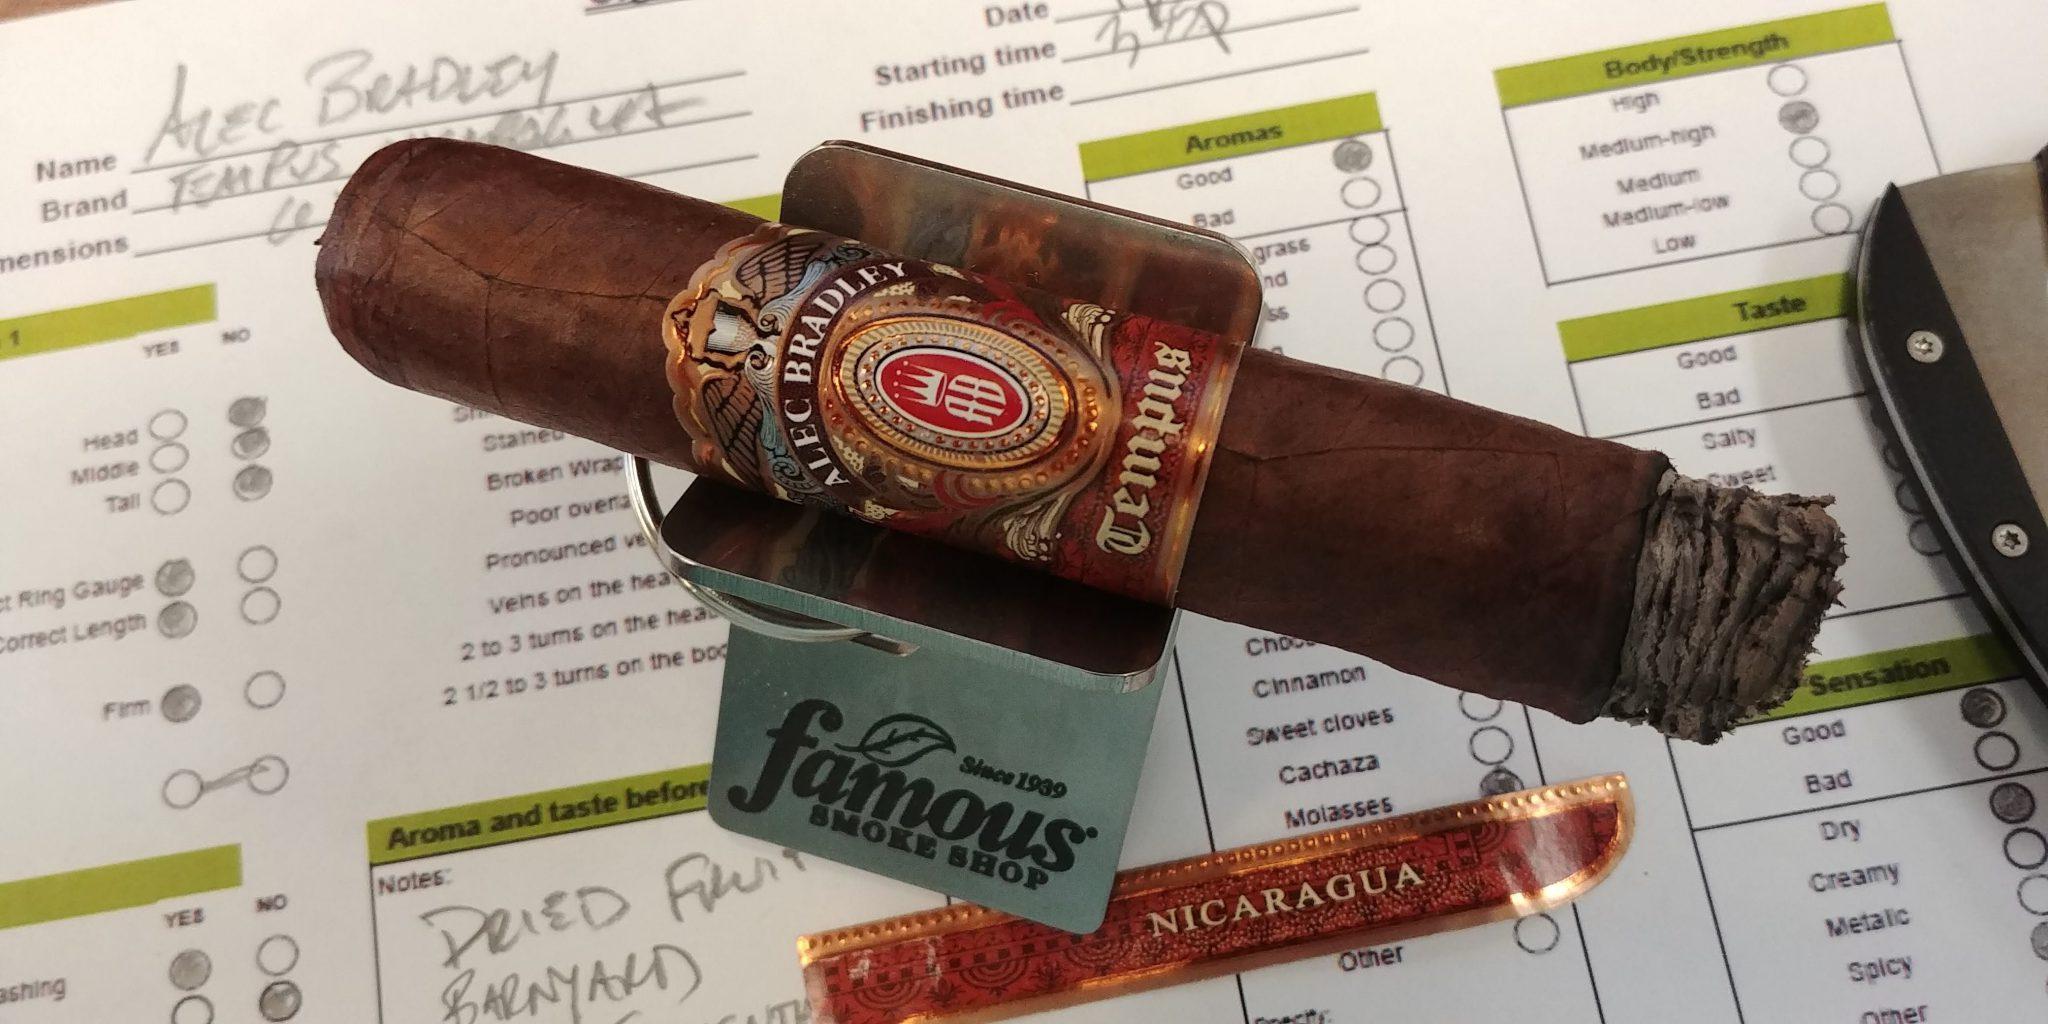 Alec Bradley cigars guide Alec Bradley Tempus Nicaragua Medius 6 Toro cigar review by John Pullo